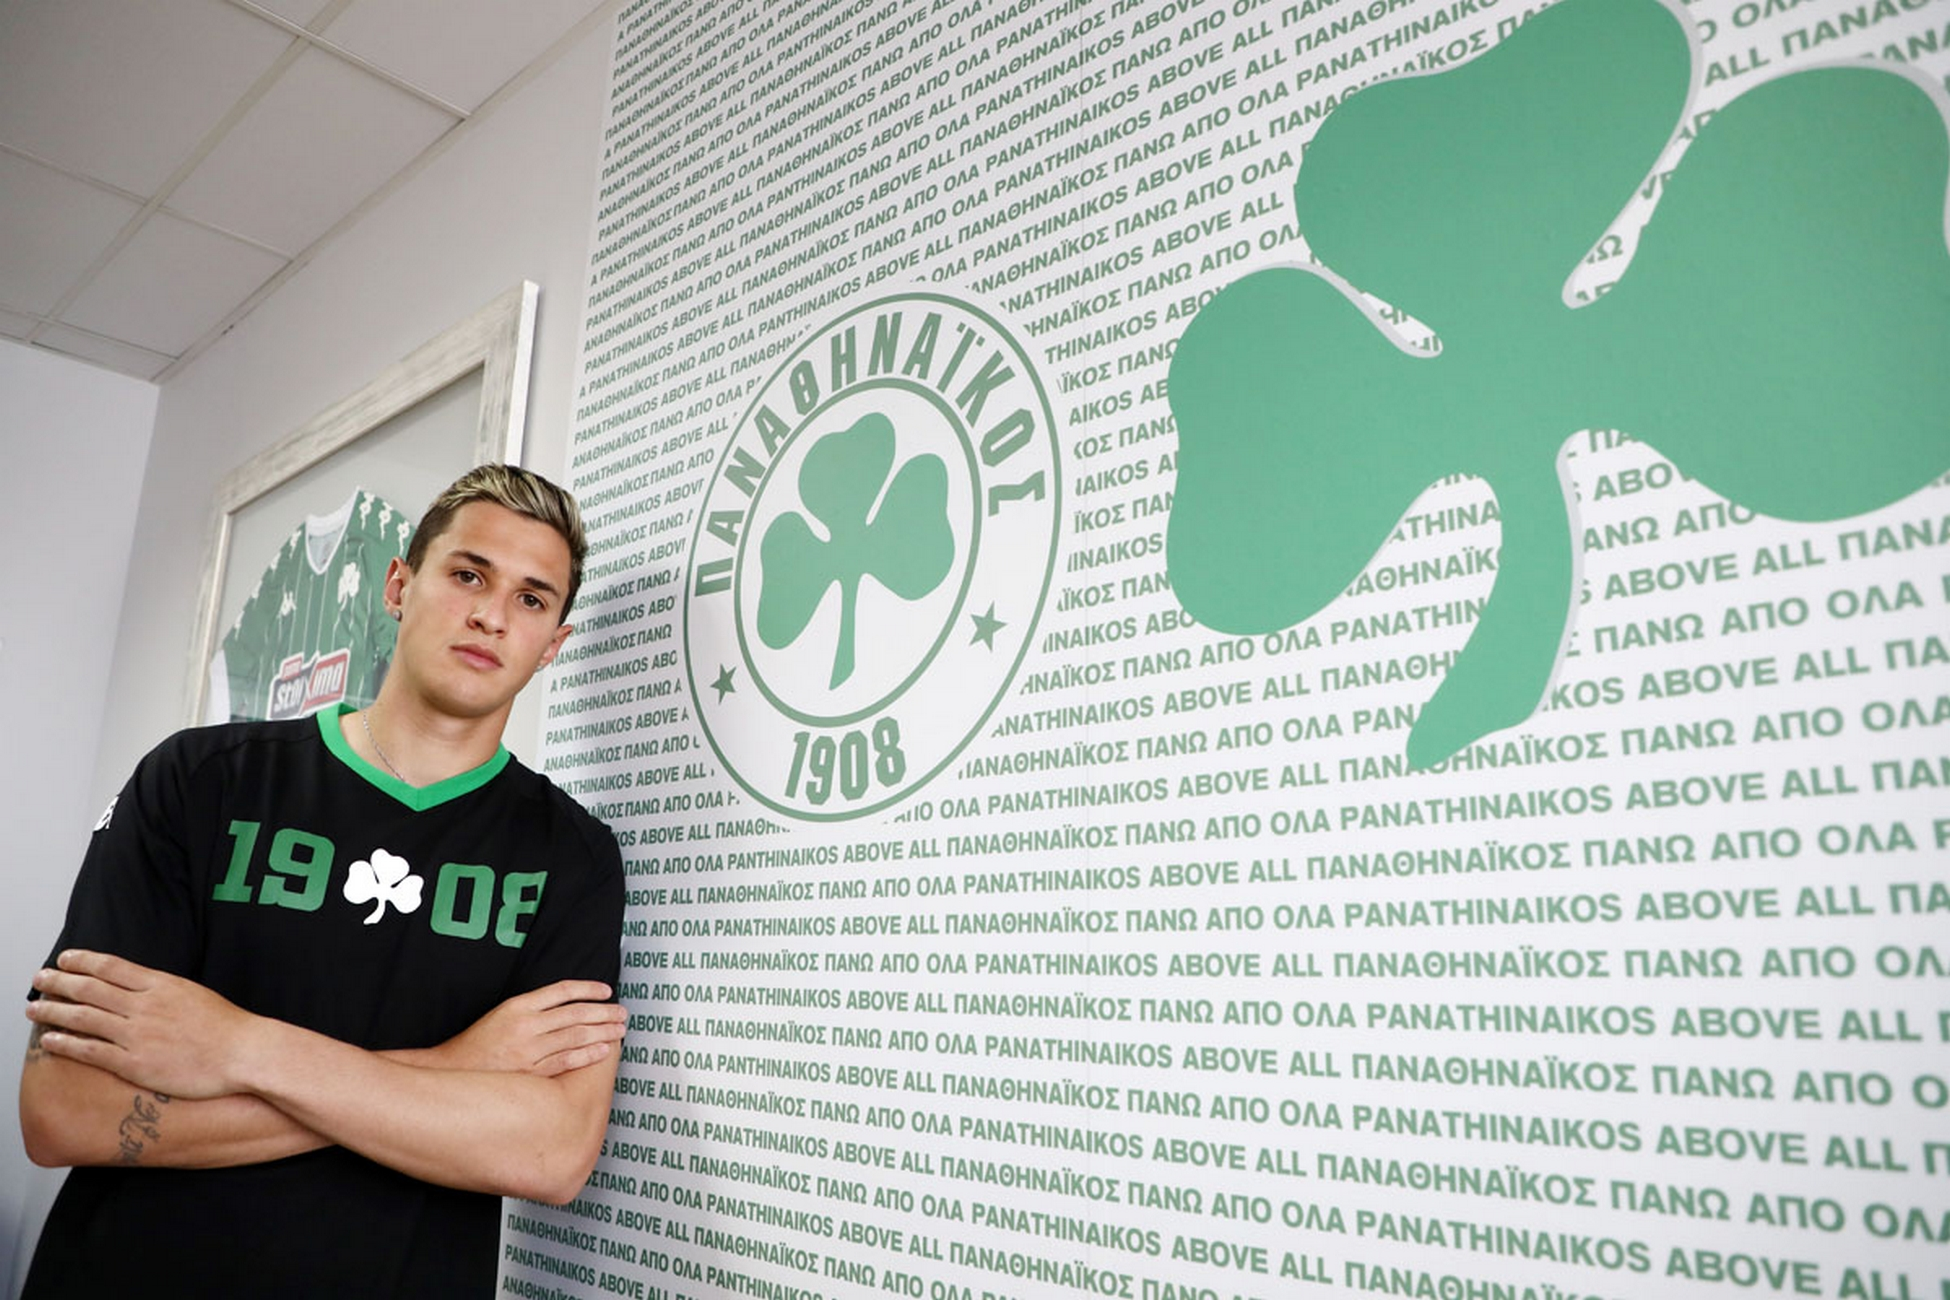 Παναθηναϊκός – Βιτάλ: «Ήταν όνειρό μου να βρεθώ σε έναν τέτοιο μεγάλο σύλλογο της Ευρώπης»